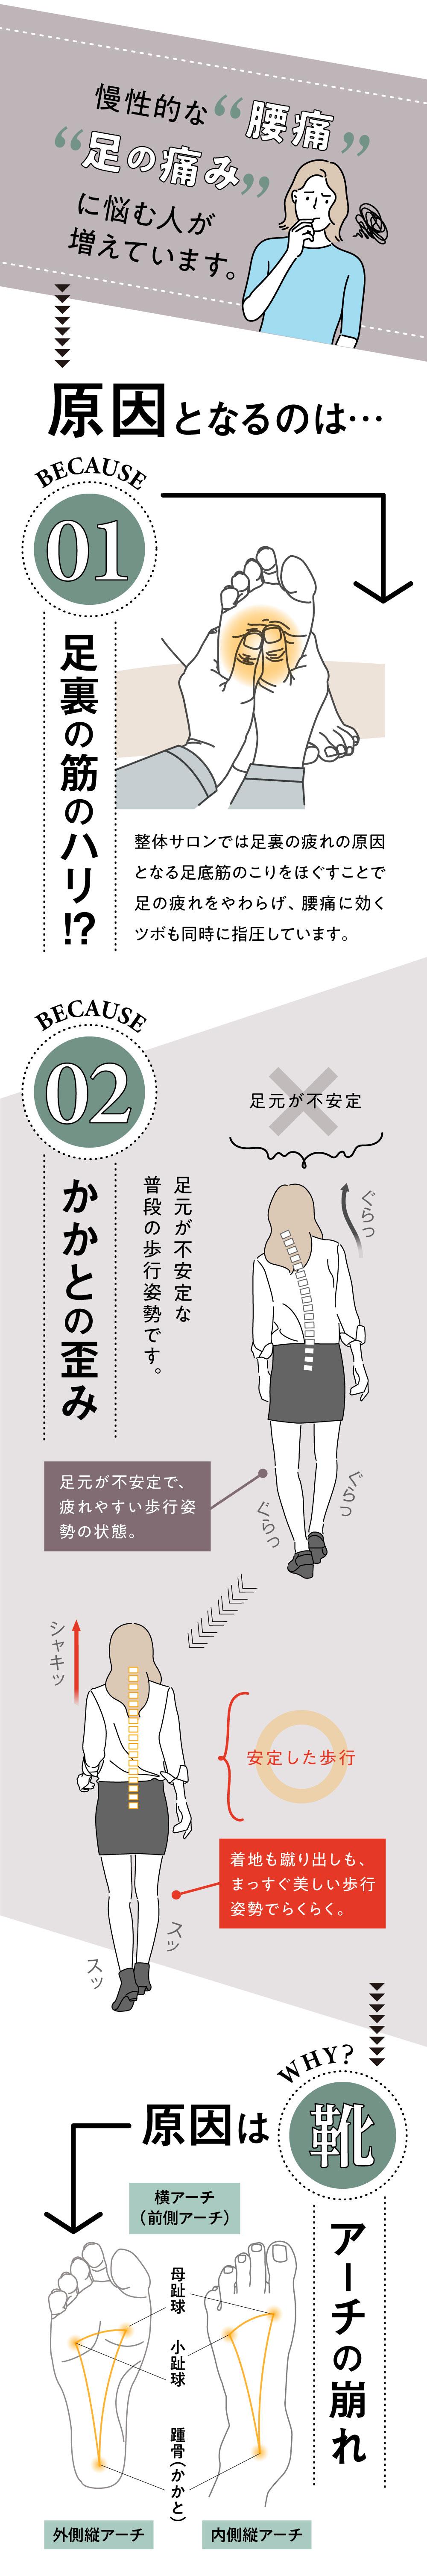 慢性的な腰痛や足の痛みに悩む人が増えています